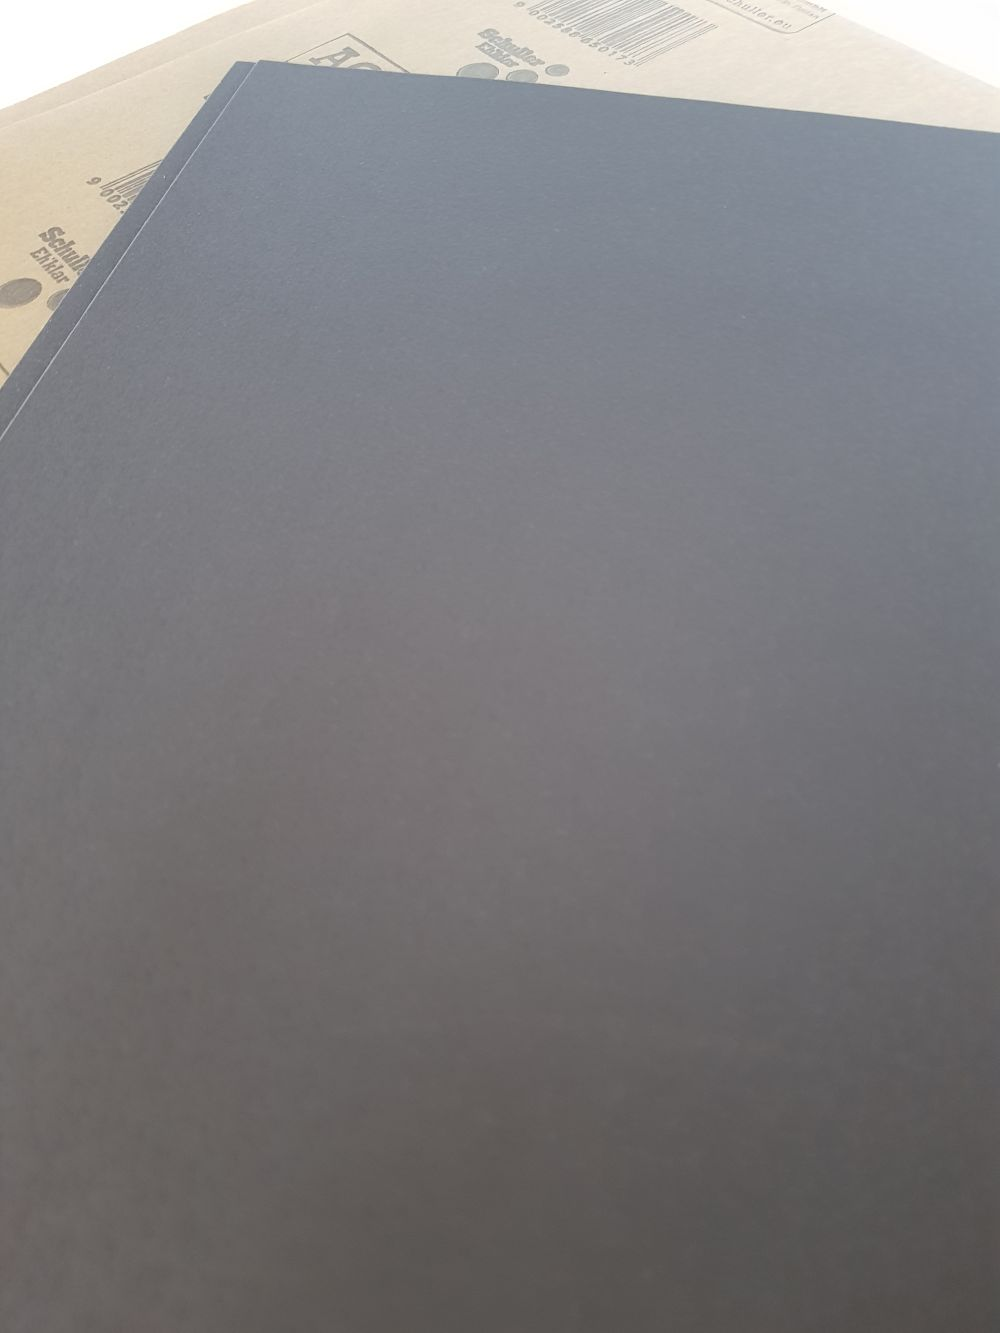 Vizes csiszolópapír P 180 Klingspor BAUplaza Kft.